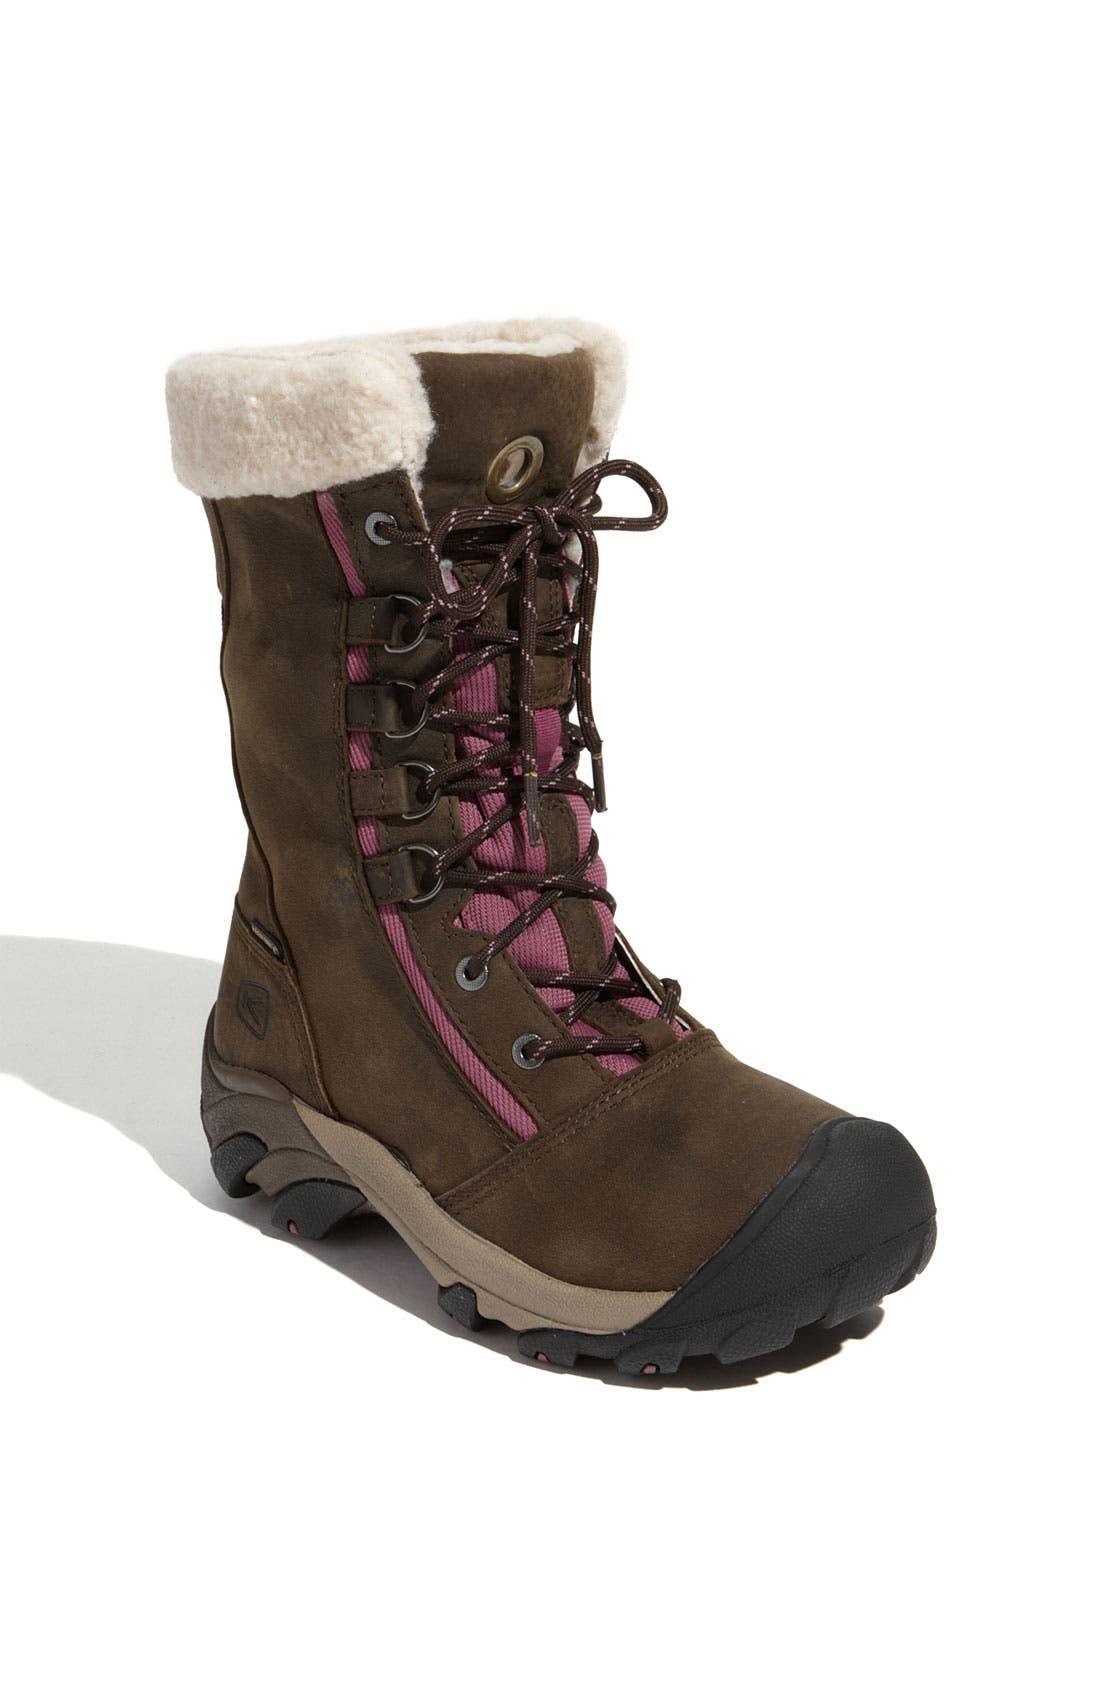 Alternate Image 1 Selected - Keen 'Hoodoo' Waterproof Nubuck Leather Boot